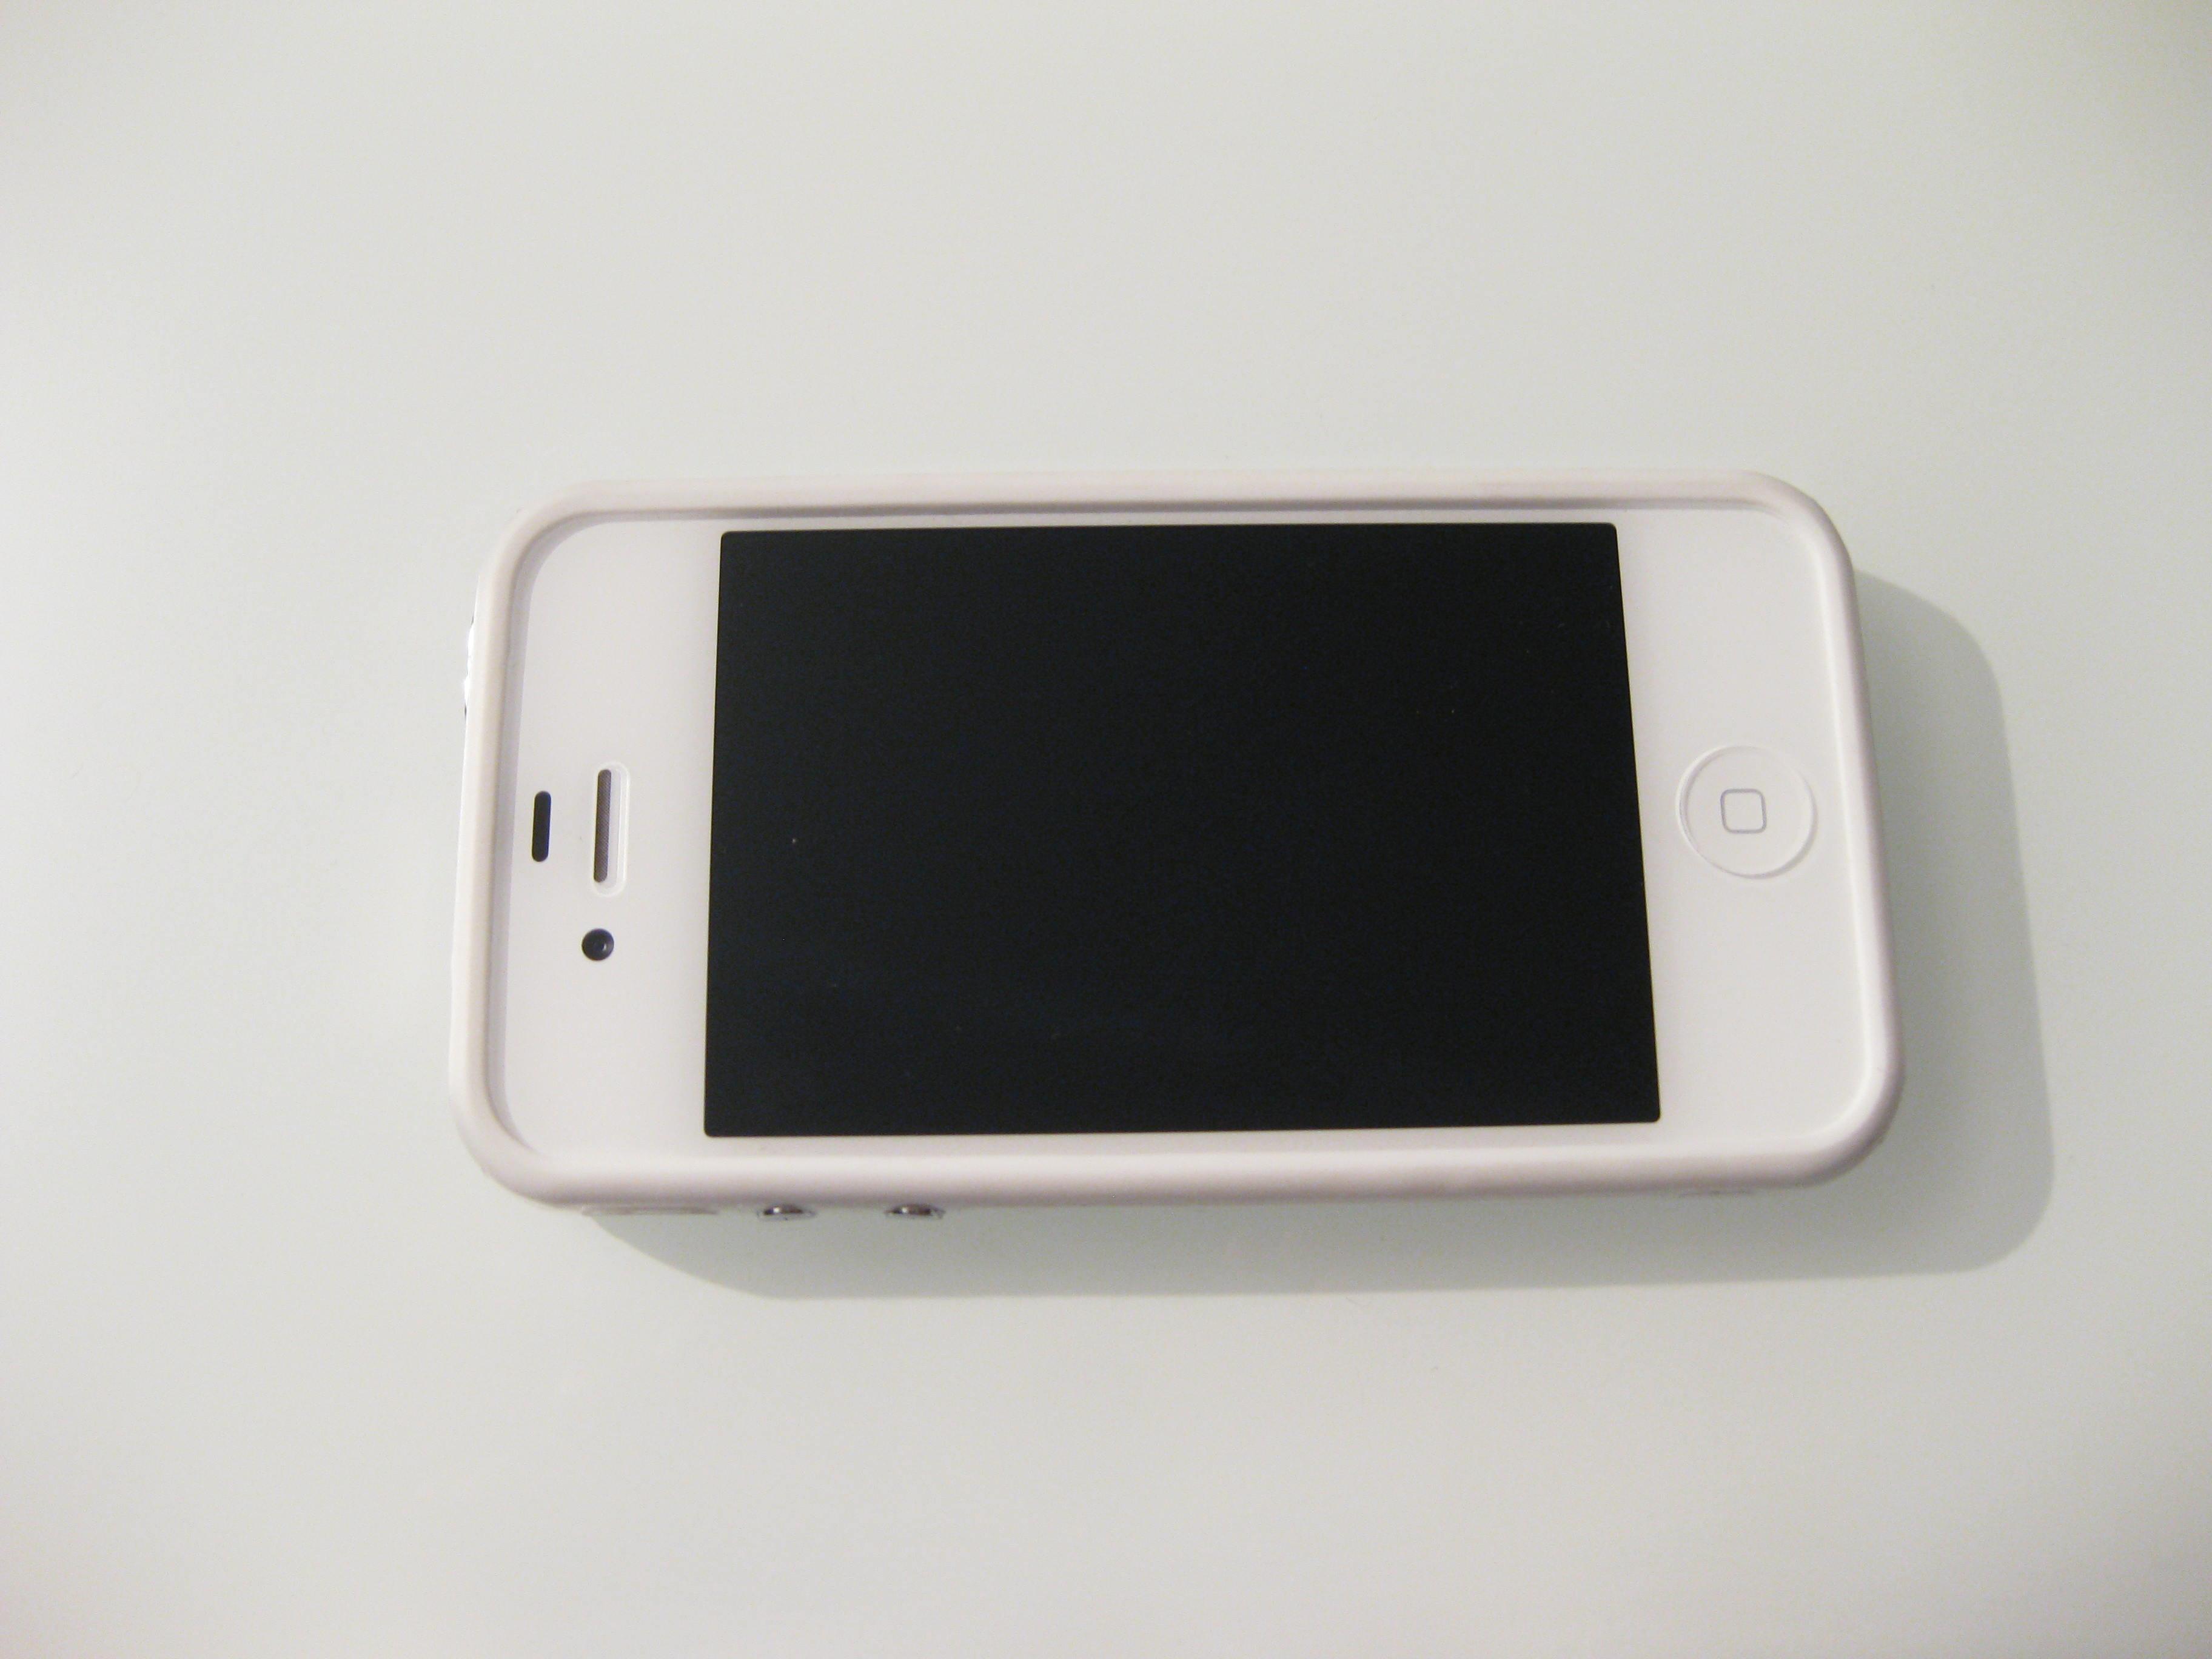 iPhone schermo nero: come risolvere il problema